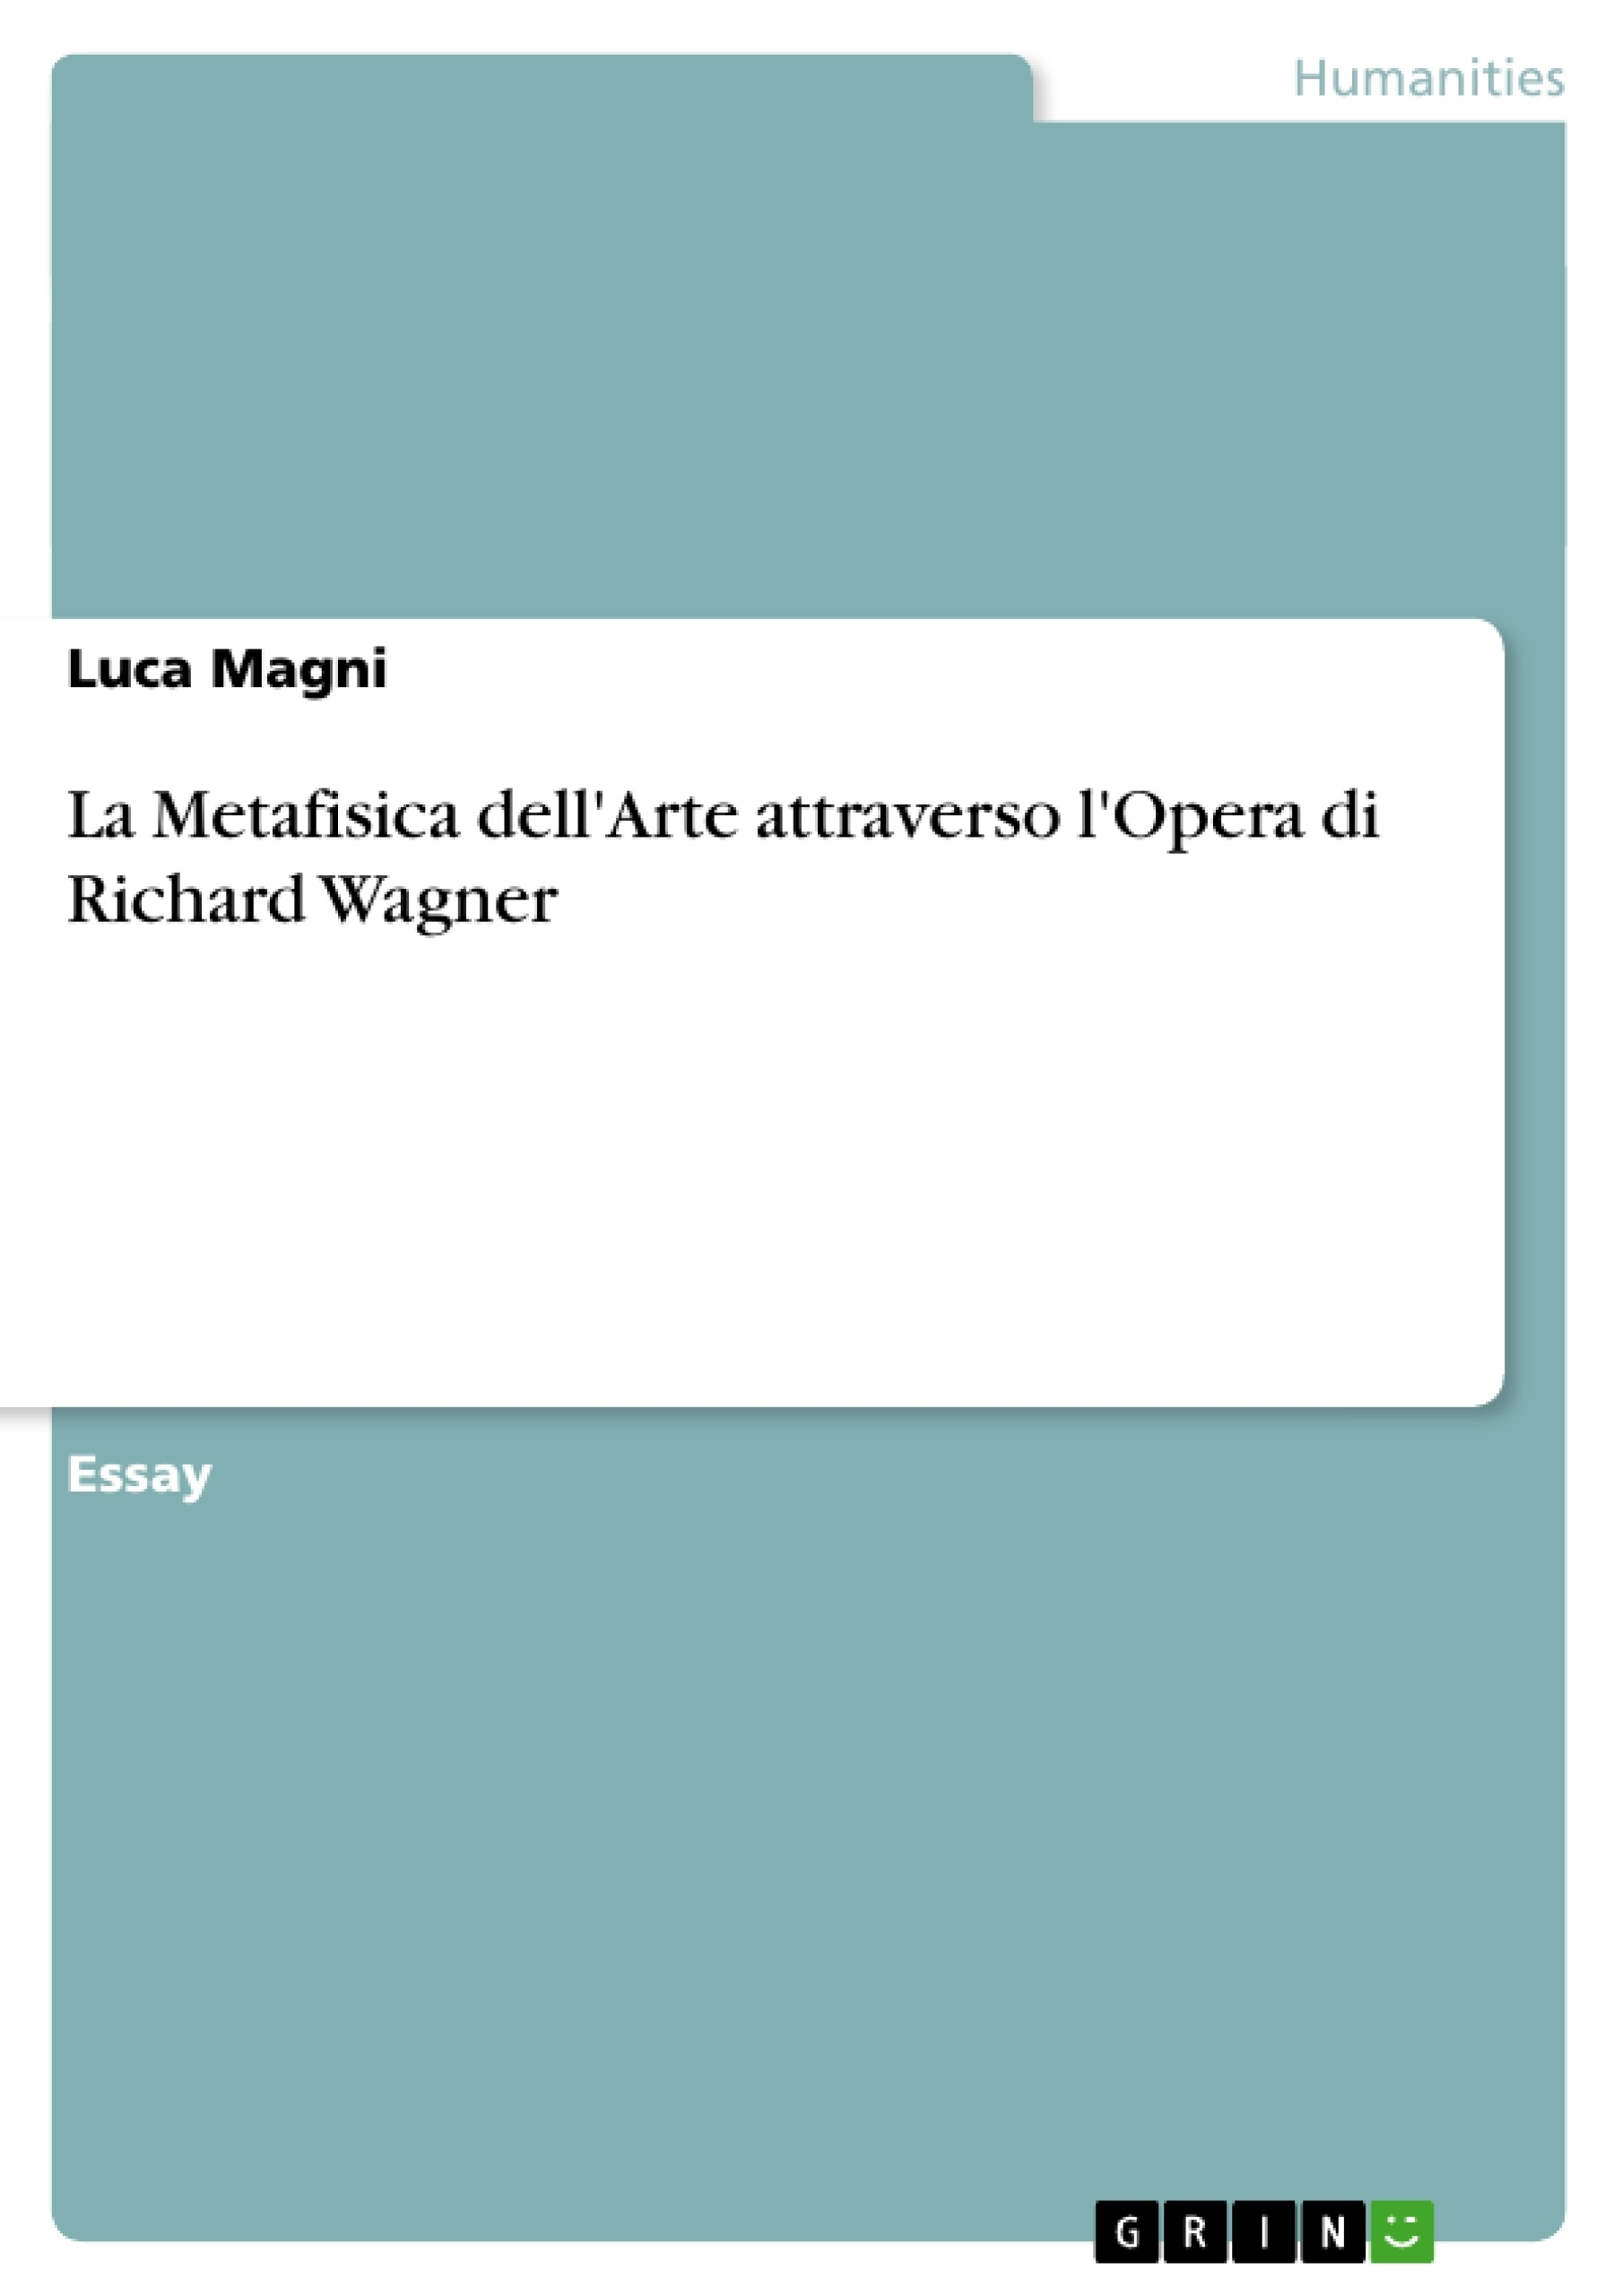 Title: La Metafisica dell'Arte attraverso l'Opera di Richard Wagner